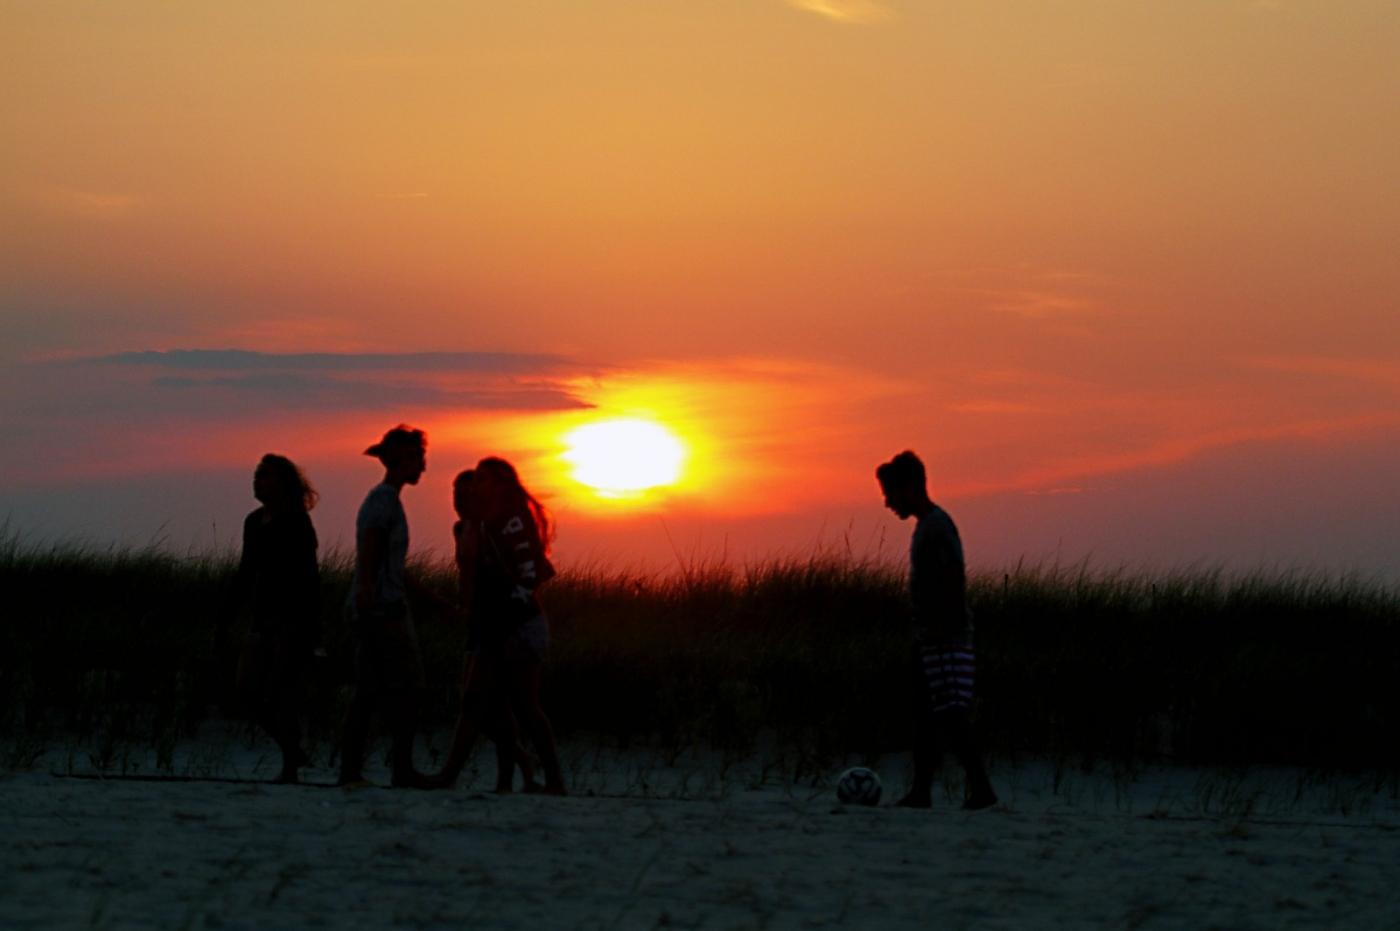 【田螺摄影】写长沙滩的日出日落_图1-12